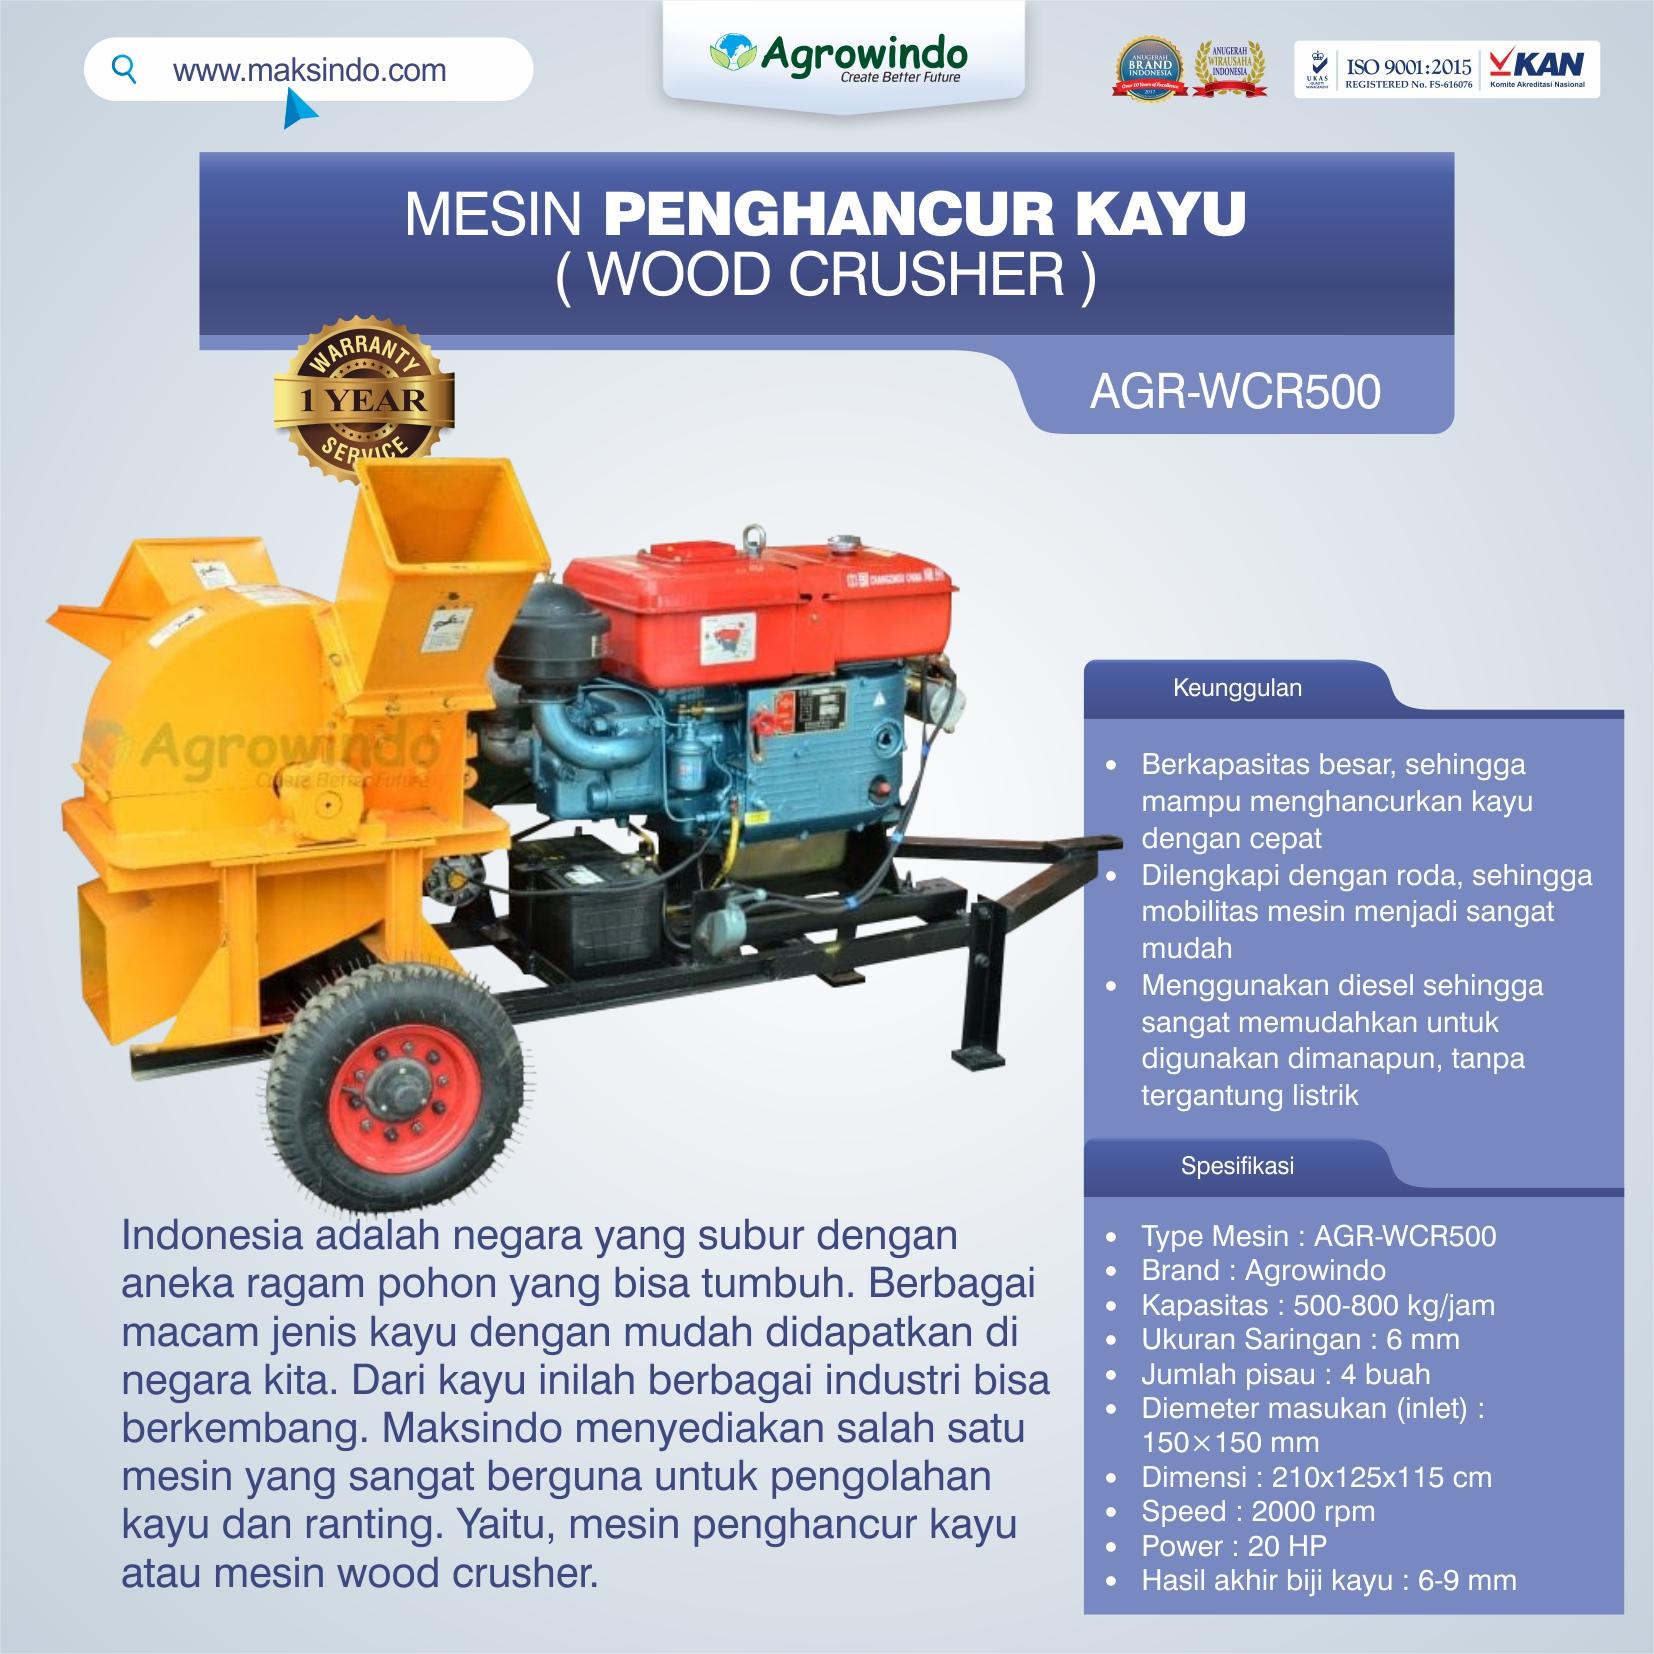 Jual Mesin Penghancur Kayu (wood crusher) AGR-WCR500 di Makassar